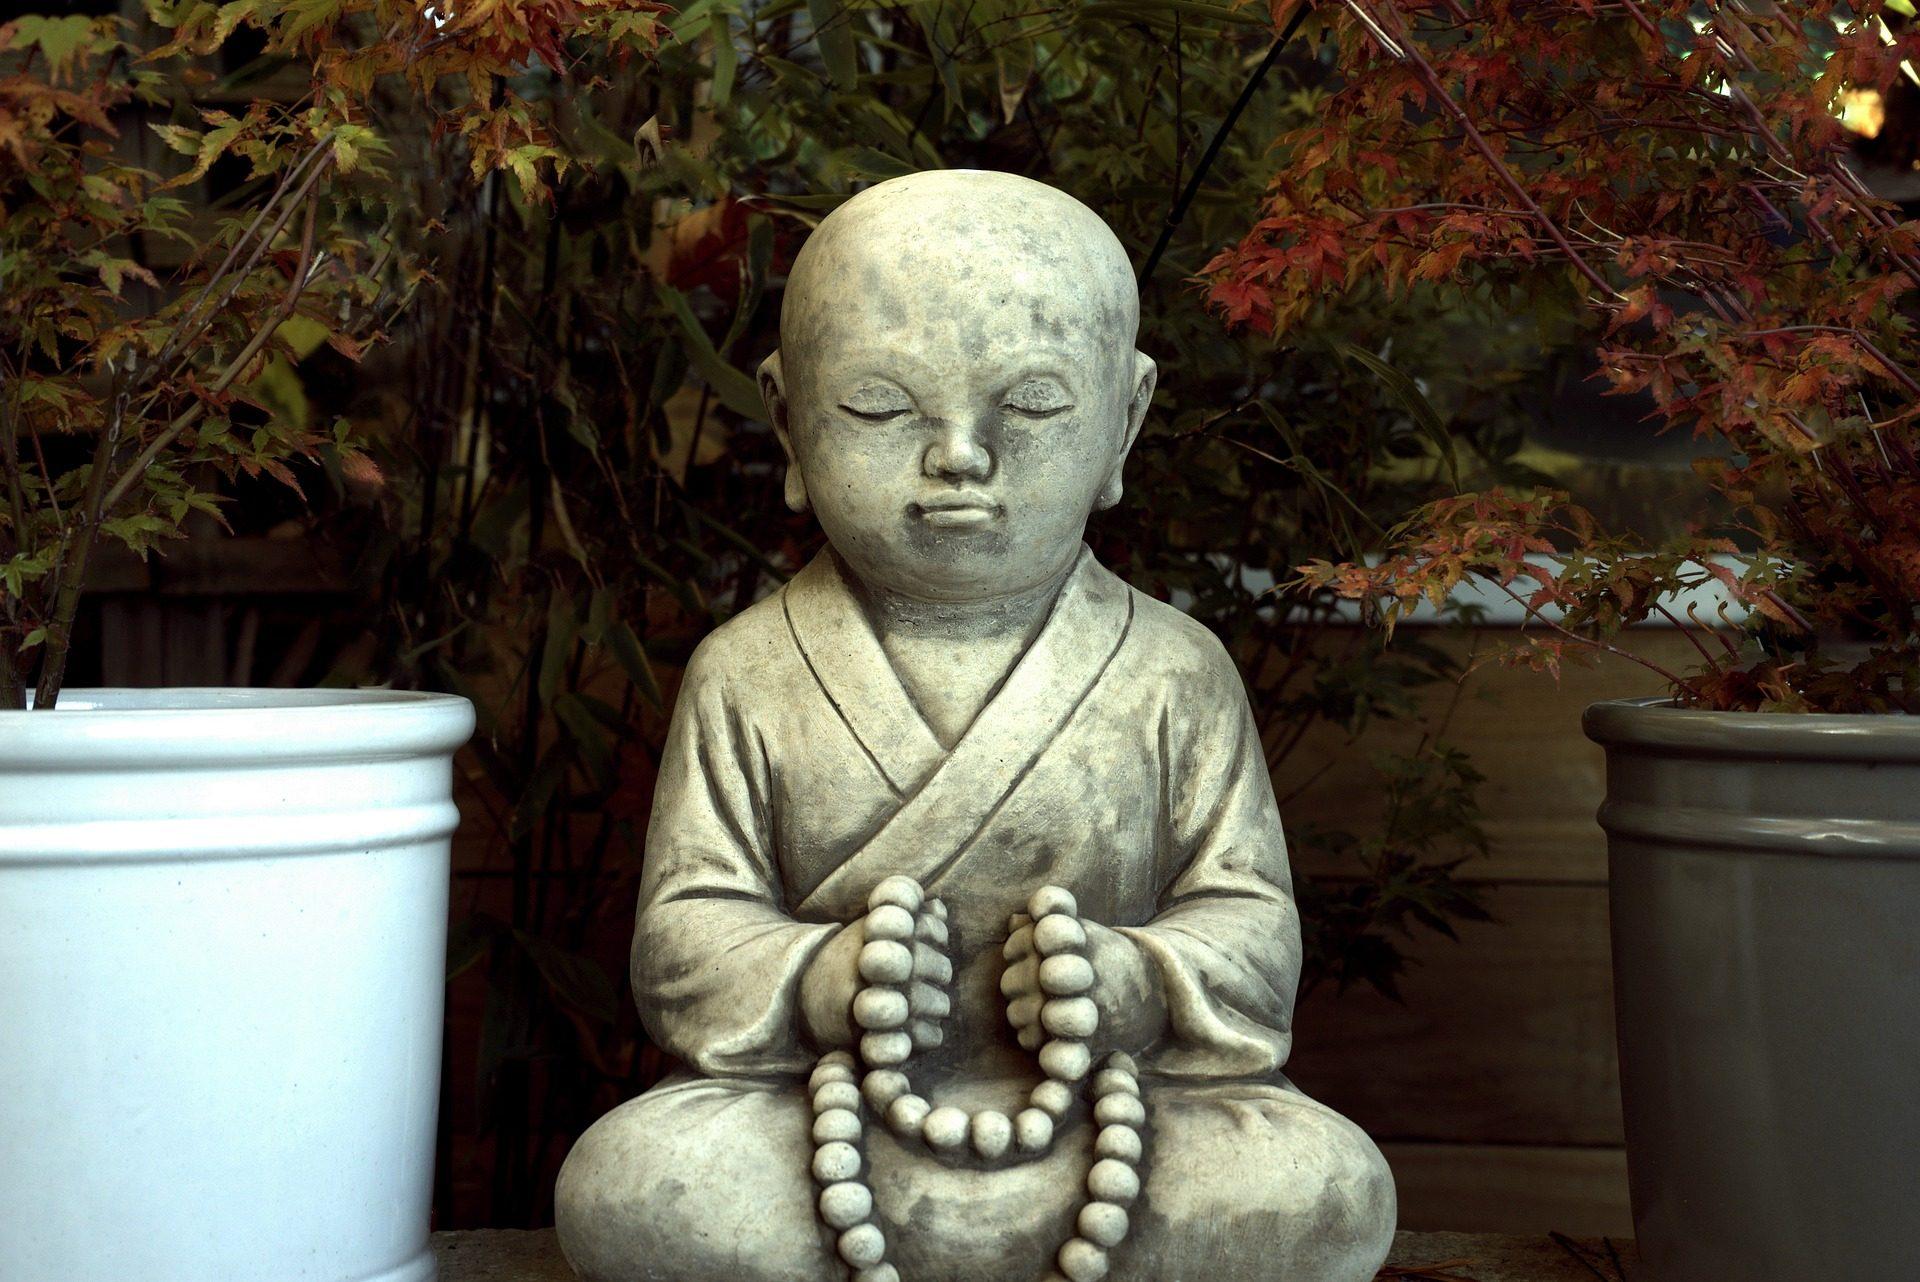 图, 雕塑, 雕像, 花园, 佛 - 高清壁纸 - 教授-falken.com